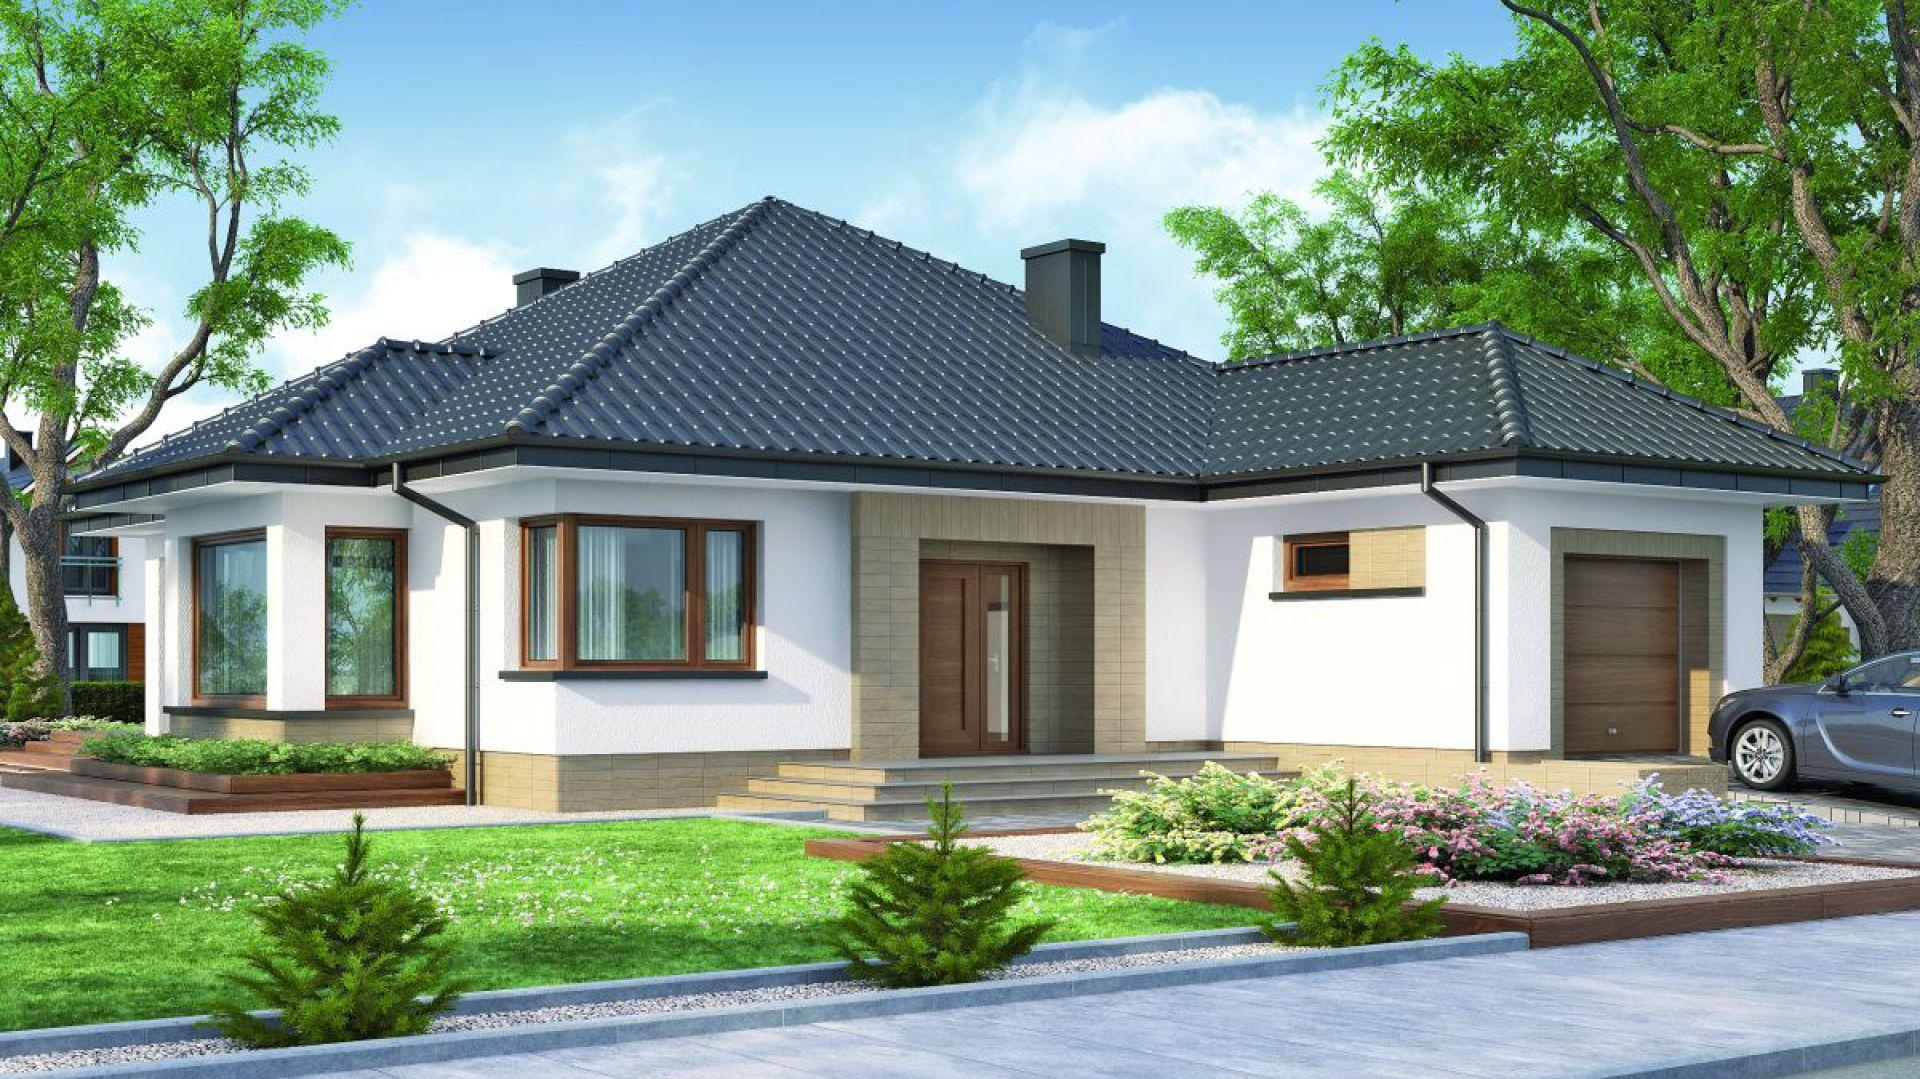 Hipokrates to wygodny dom parterowy, idealny dla 4-osobowej rodziny. Wyważonej i przyjemnej w odbiorze bryle budynku nowoczesności i charakteru dodają narożne okna i drewniana okładzina na elewacji. Powierzchnia użytkowa: 113,85 m². Koszt budowy domu (stan deweloperski, bez instalacji) - 336.883 zł. Projekt Hipokrates, Fot. Domena